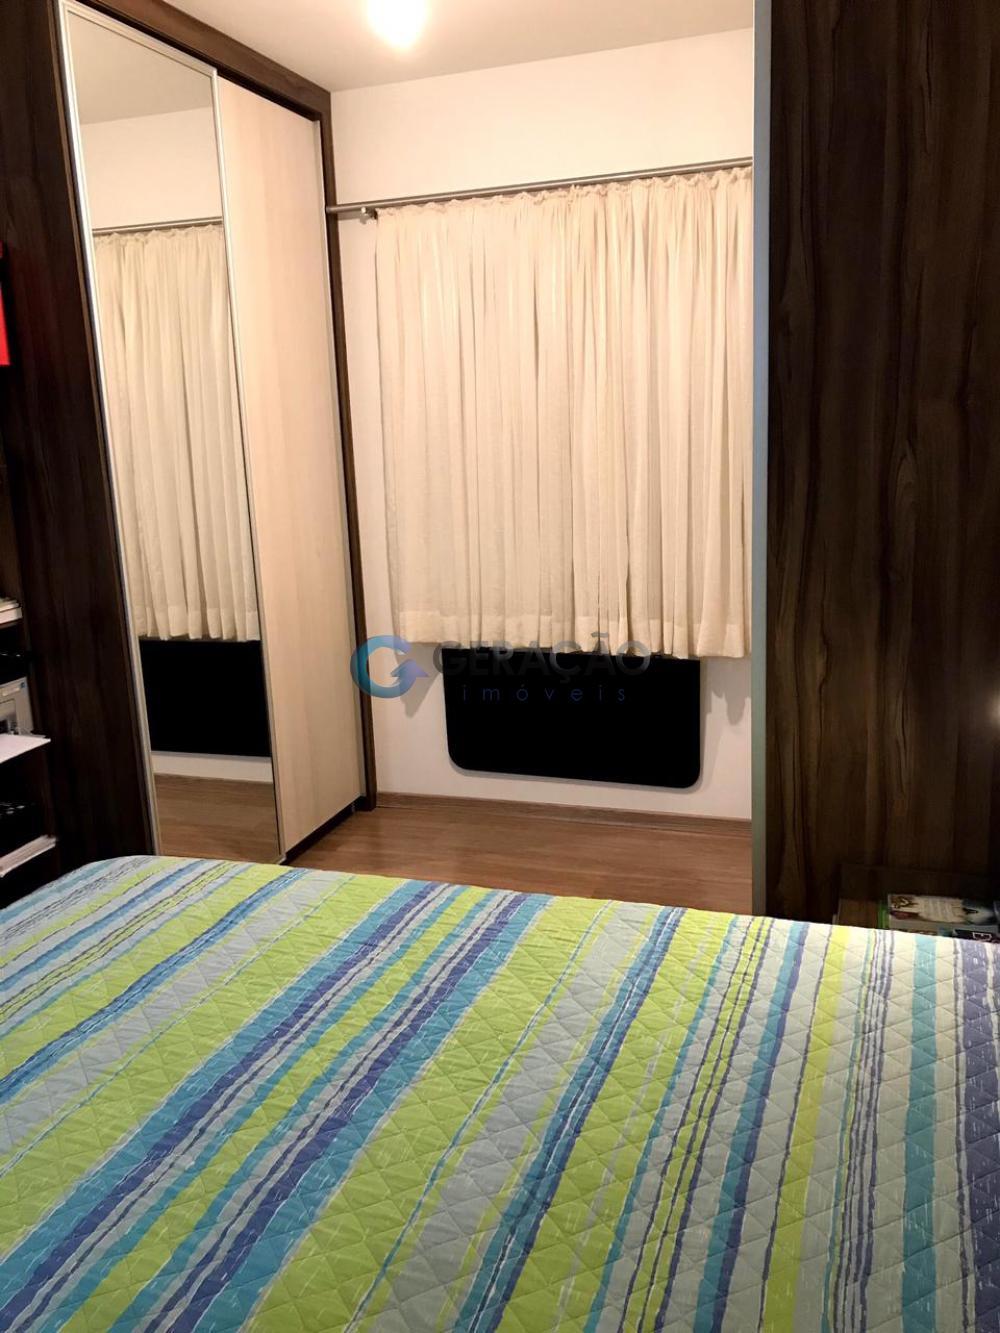 Comprar Apartamento / Padrão em São José dos Campos R$ 895.000,00 - Foto 4